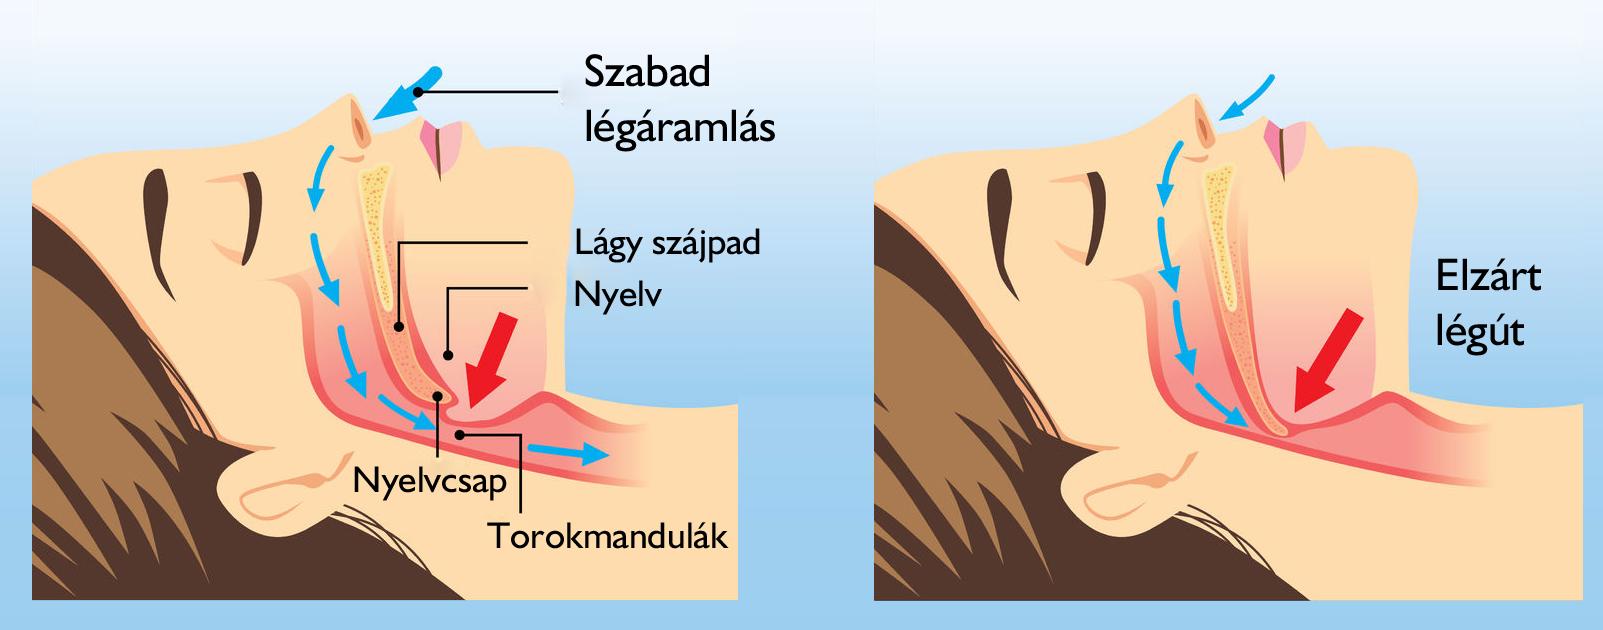 a magas vérnyomás műtéti költségei)